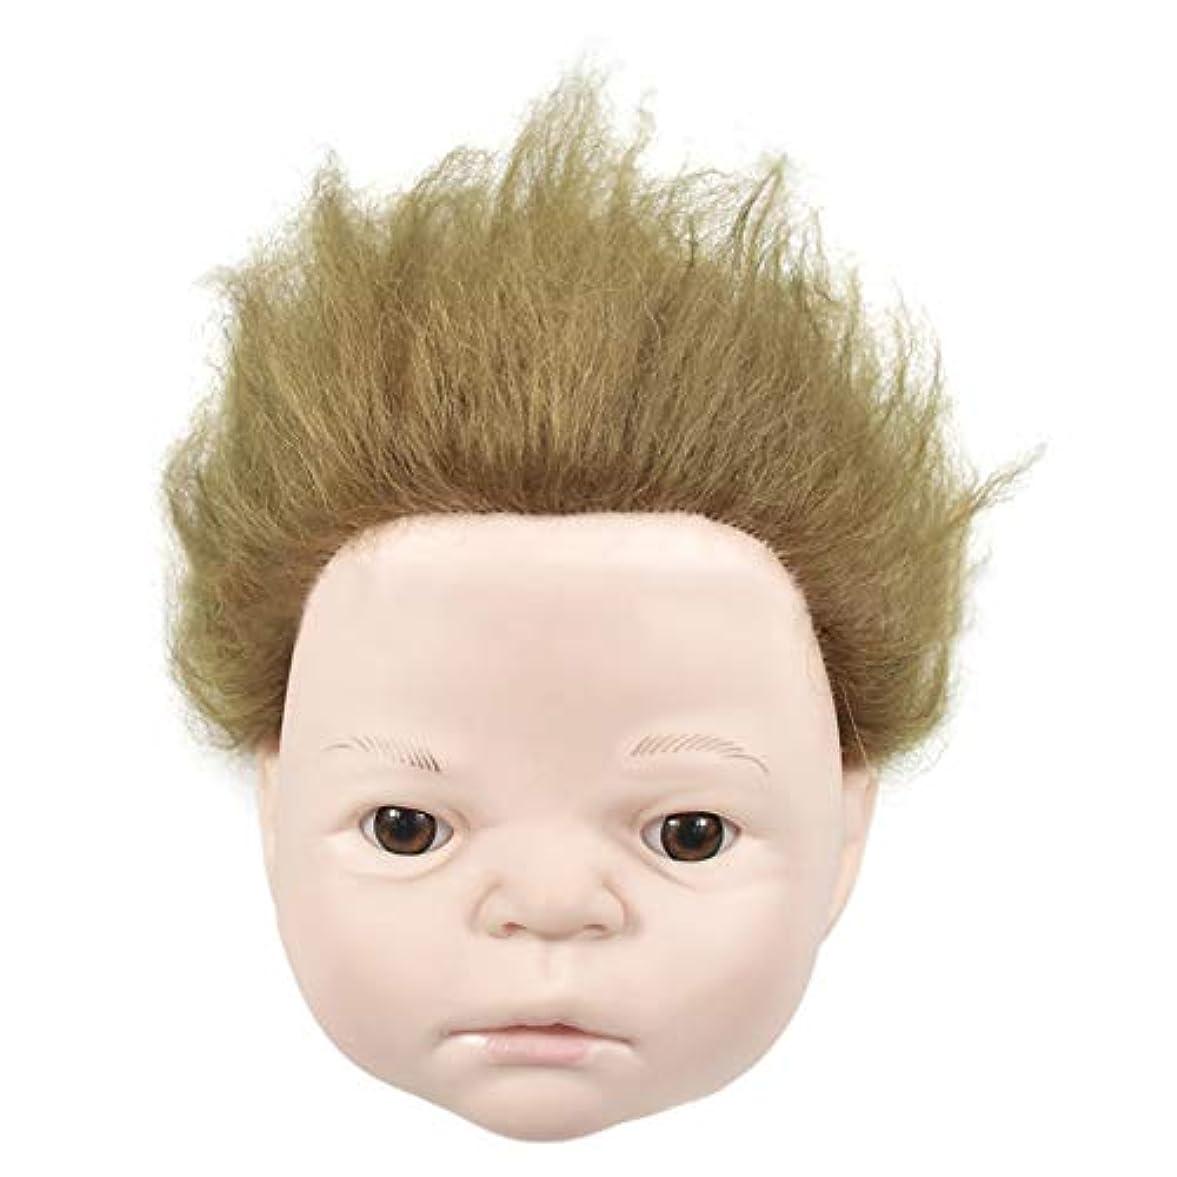 巨大な危険にさらされている応答練習理髪散髪ヘッドモデルリアルヘアドールヘッド形状教育ヘッドサロン教育学習マネキンヘッド